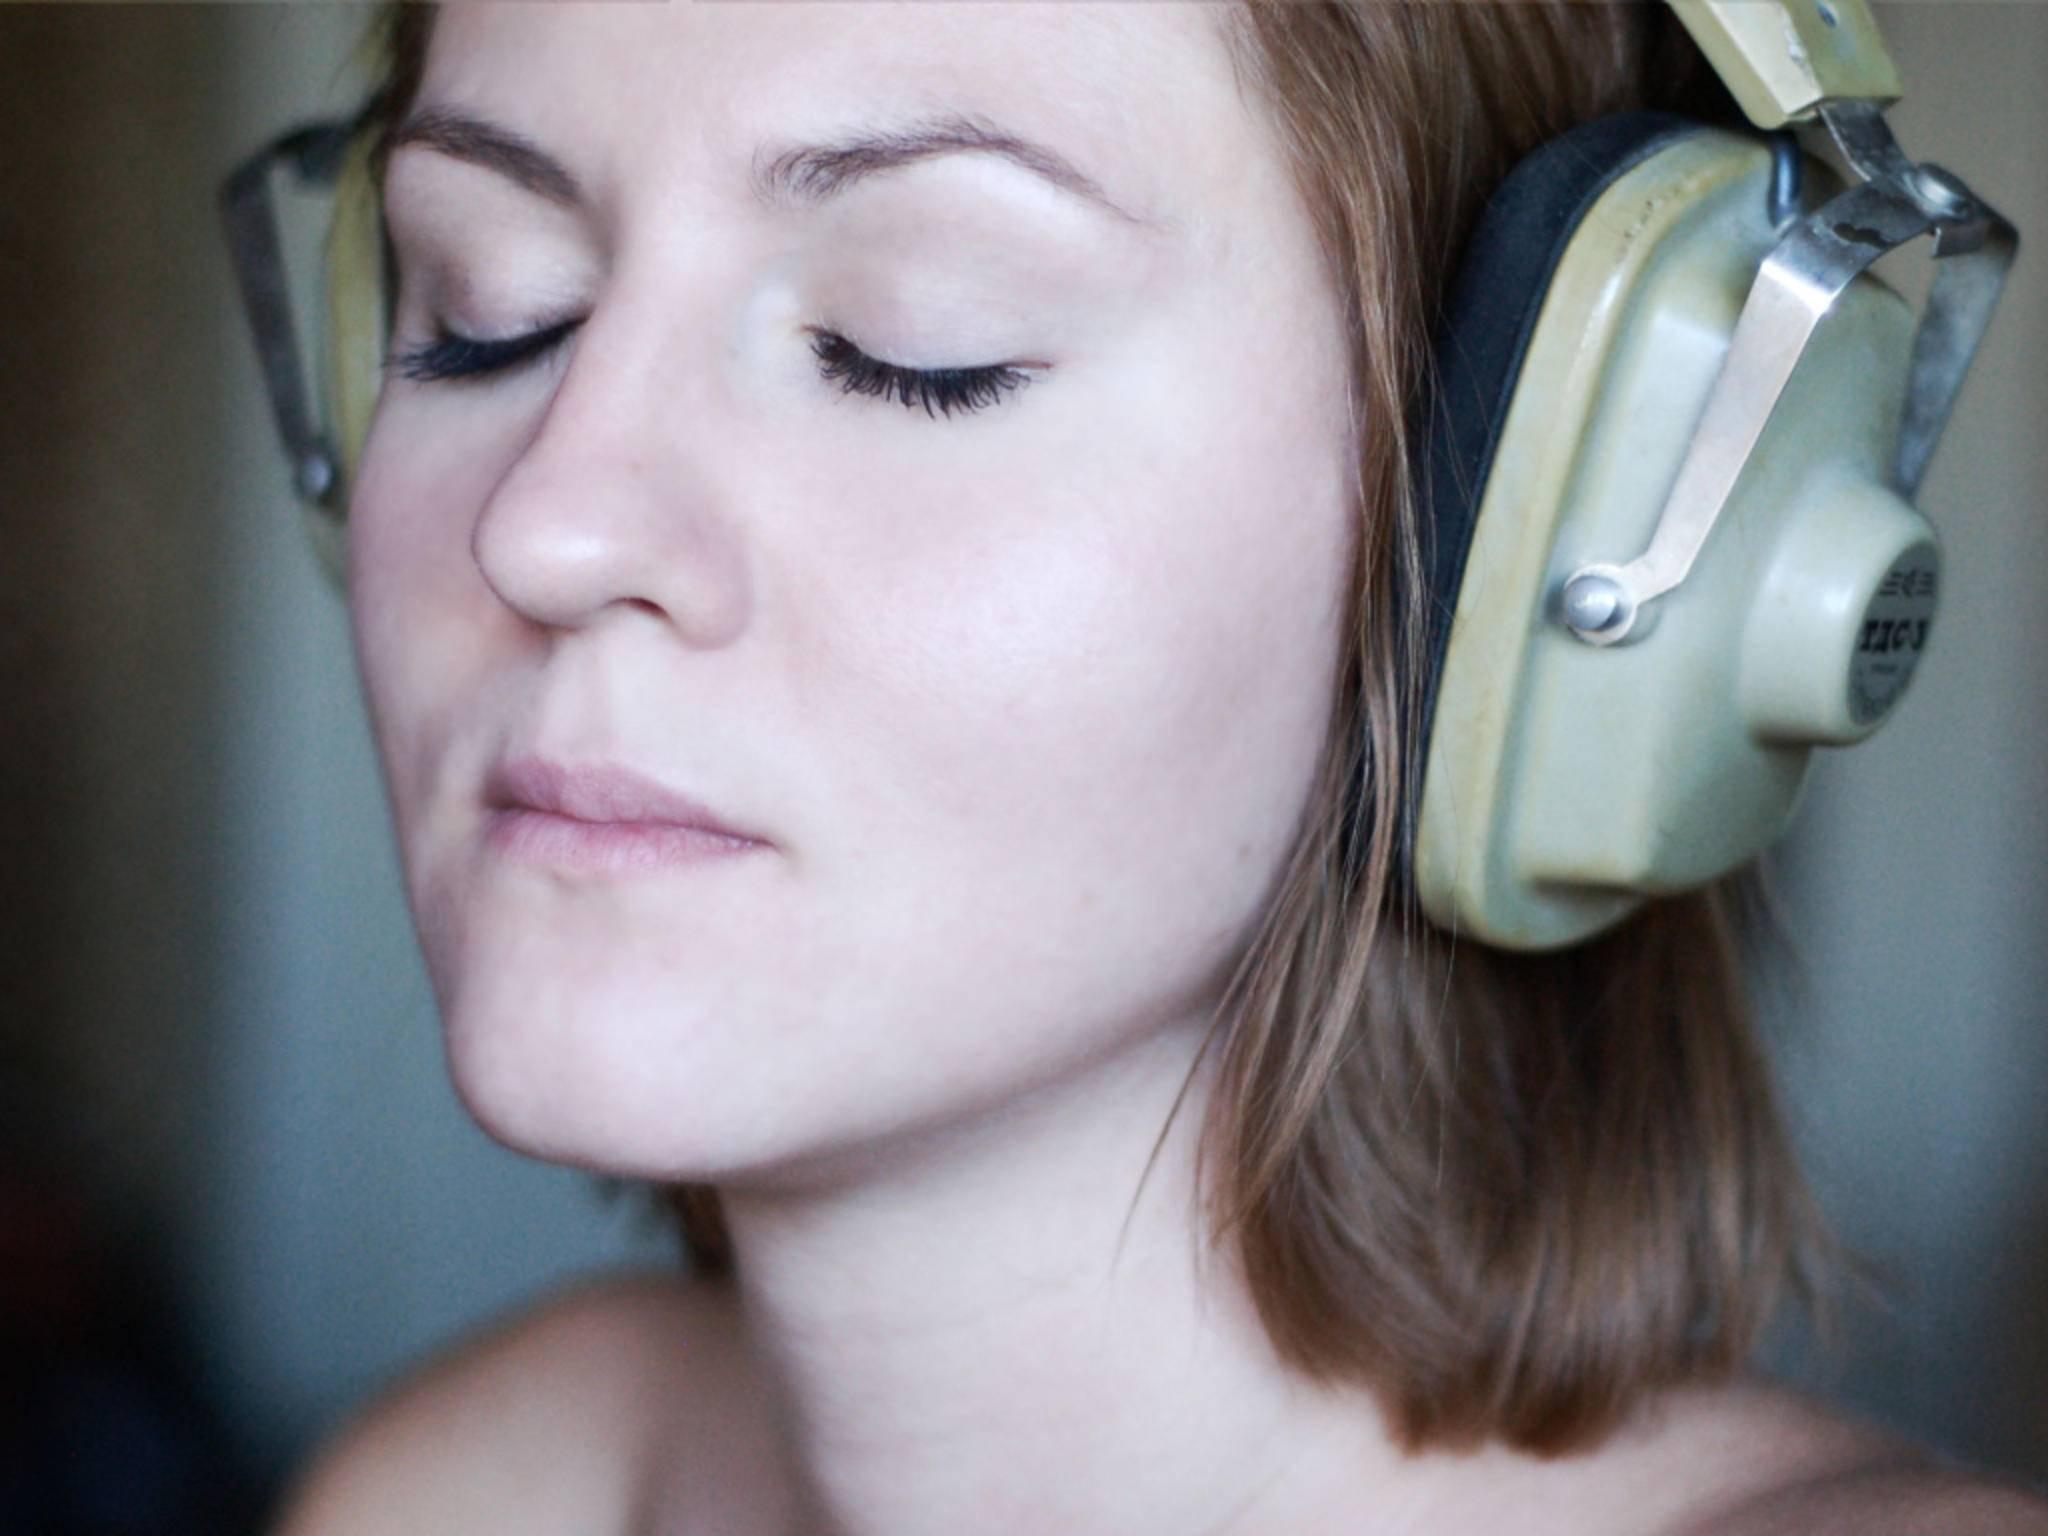 Keine Platten, kein Speicherplatz: Musik-Streaming verspricht Audio-Genuss jederzeit und überall.